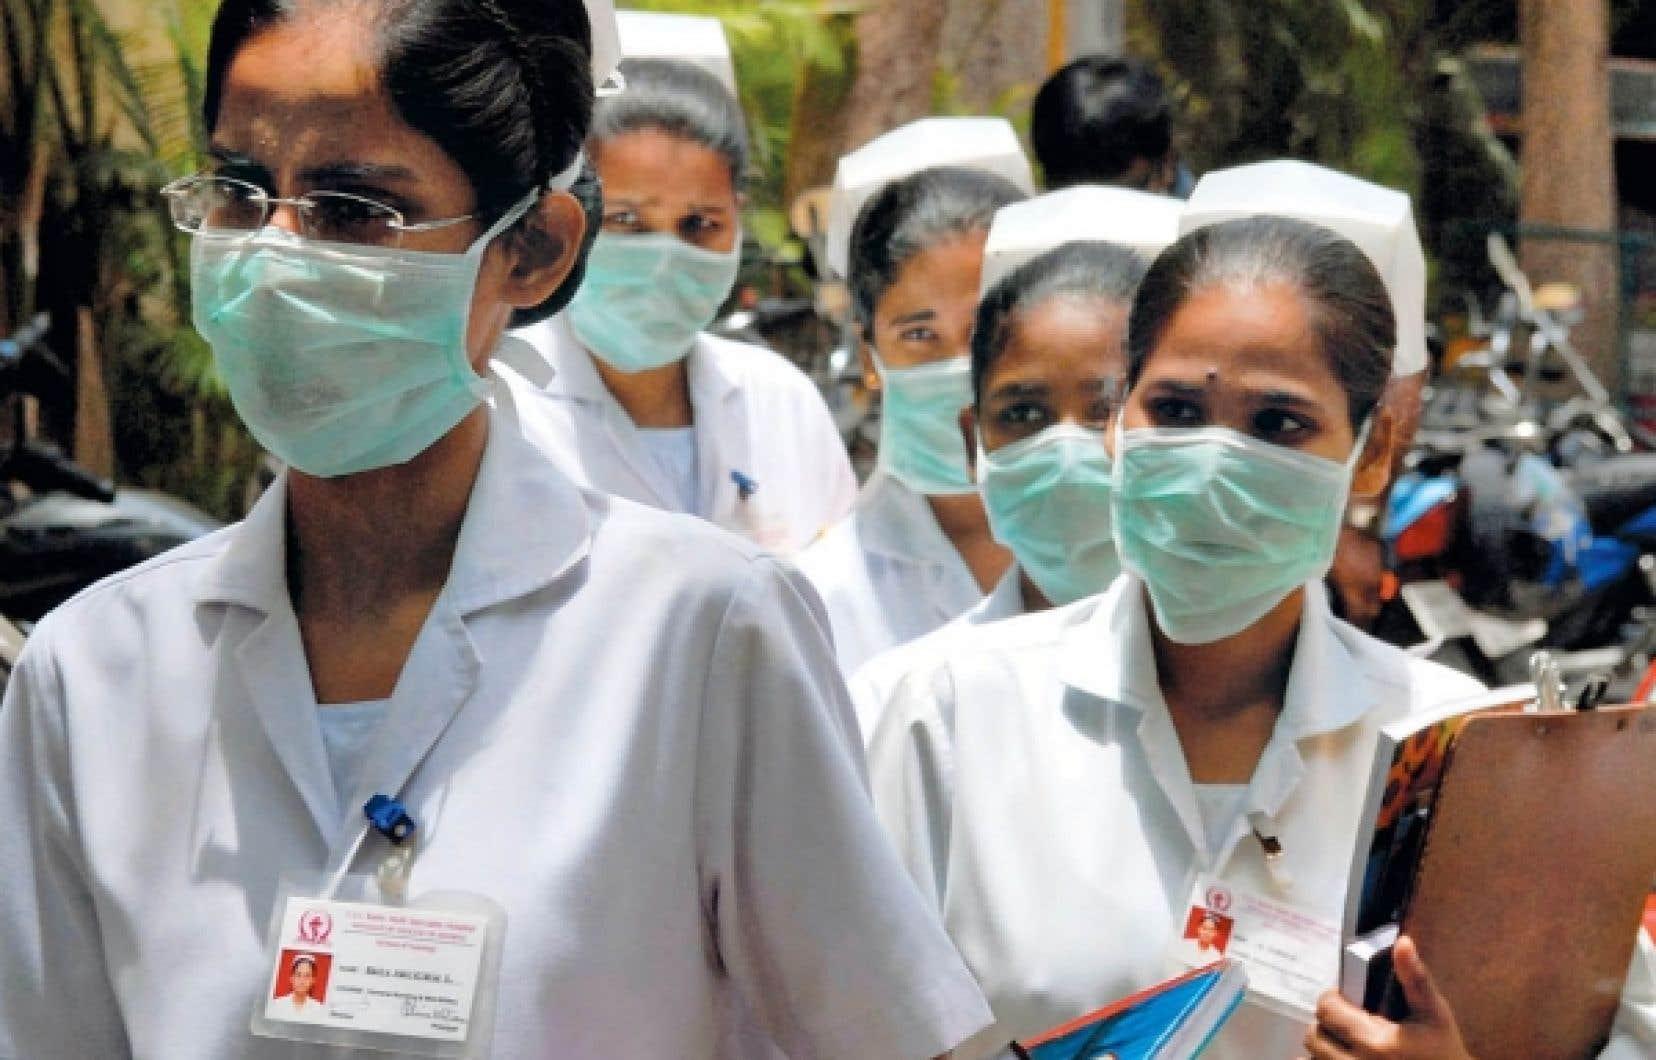 Des infirmières du Mehta Hospital, à Chennai, en Inde. À l'embauche, le salaire d'une infirmière indienne peut être d'à peine 2500 roupies par mois (environ 50$). Le harcèlement sexuel tient de la pandémie, disent-elles, et le congé de maternité est une chimère: une employée qui tombe enceinte est forcée de démissionner.